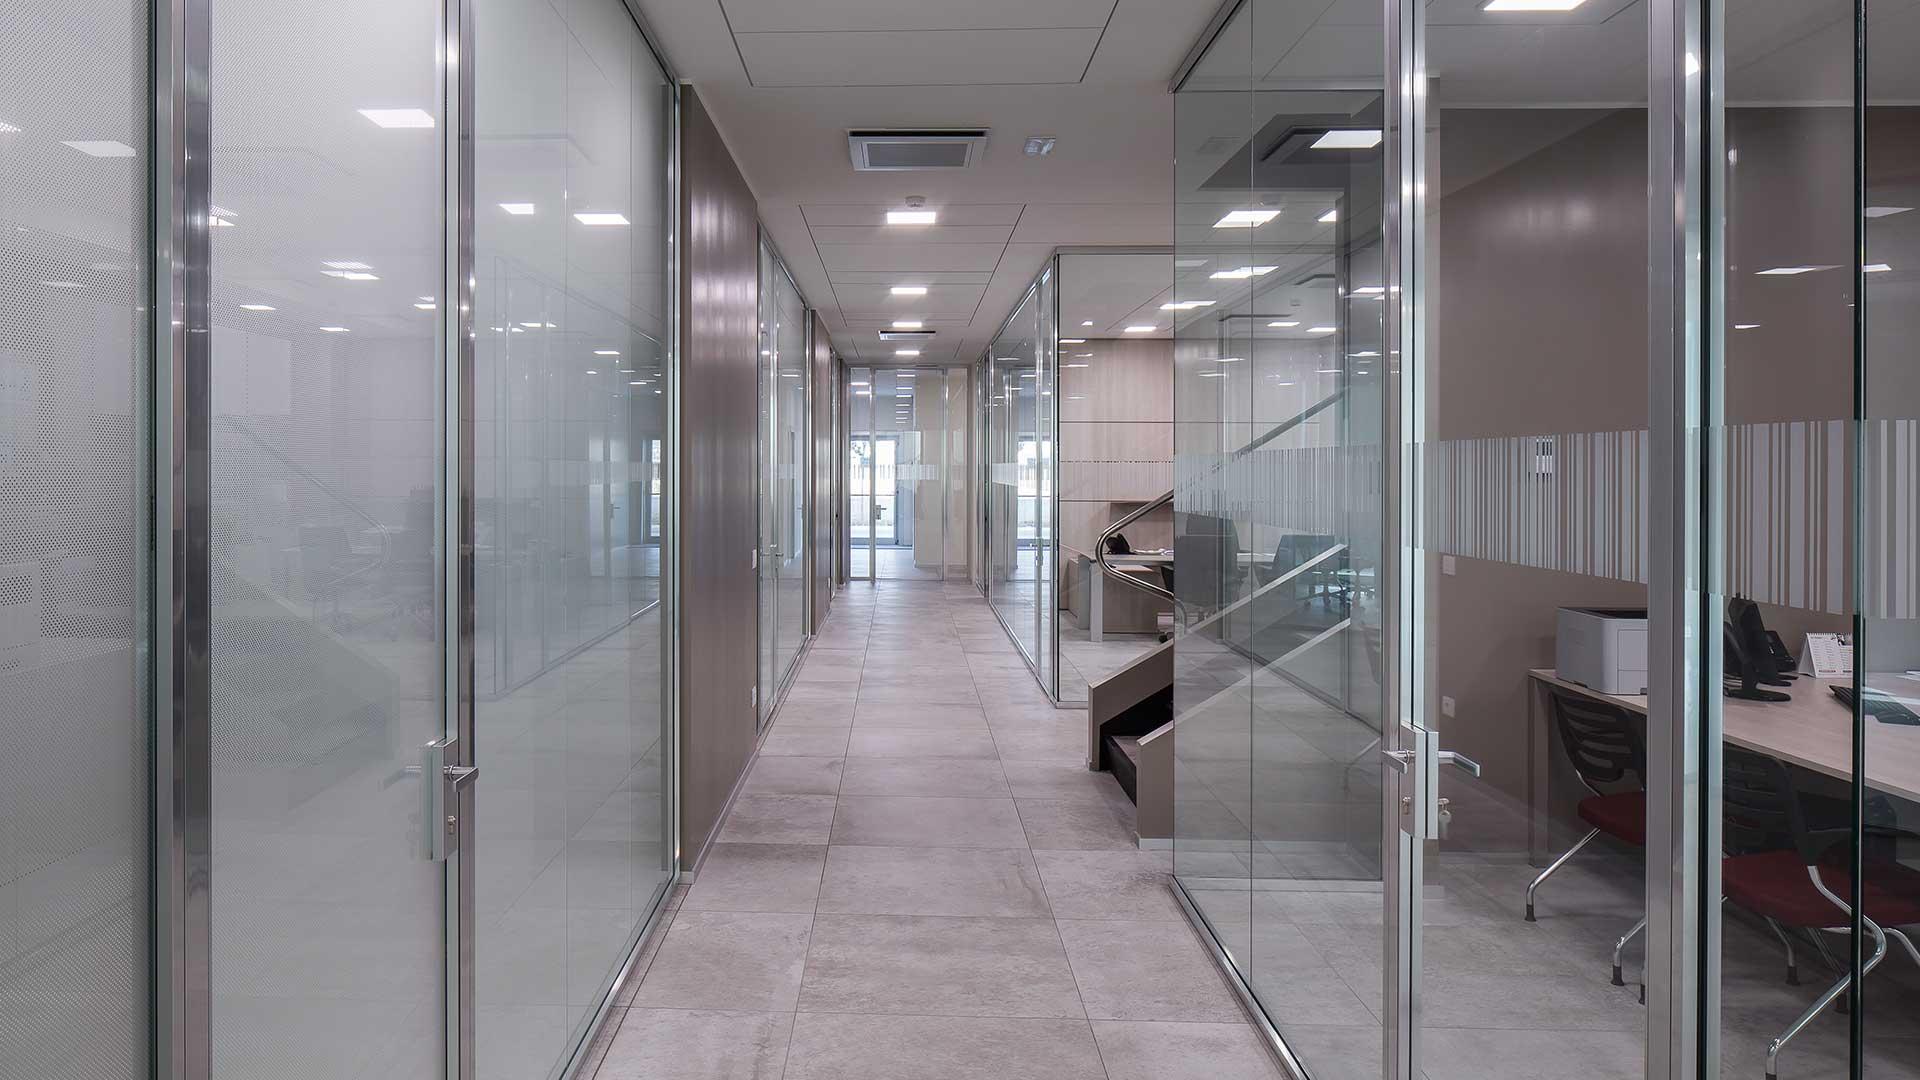 Tendenze-di-arredo-ufficio-2019_Coliving-workspaces_Viemmeporte